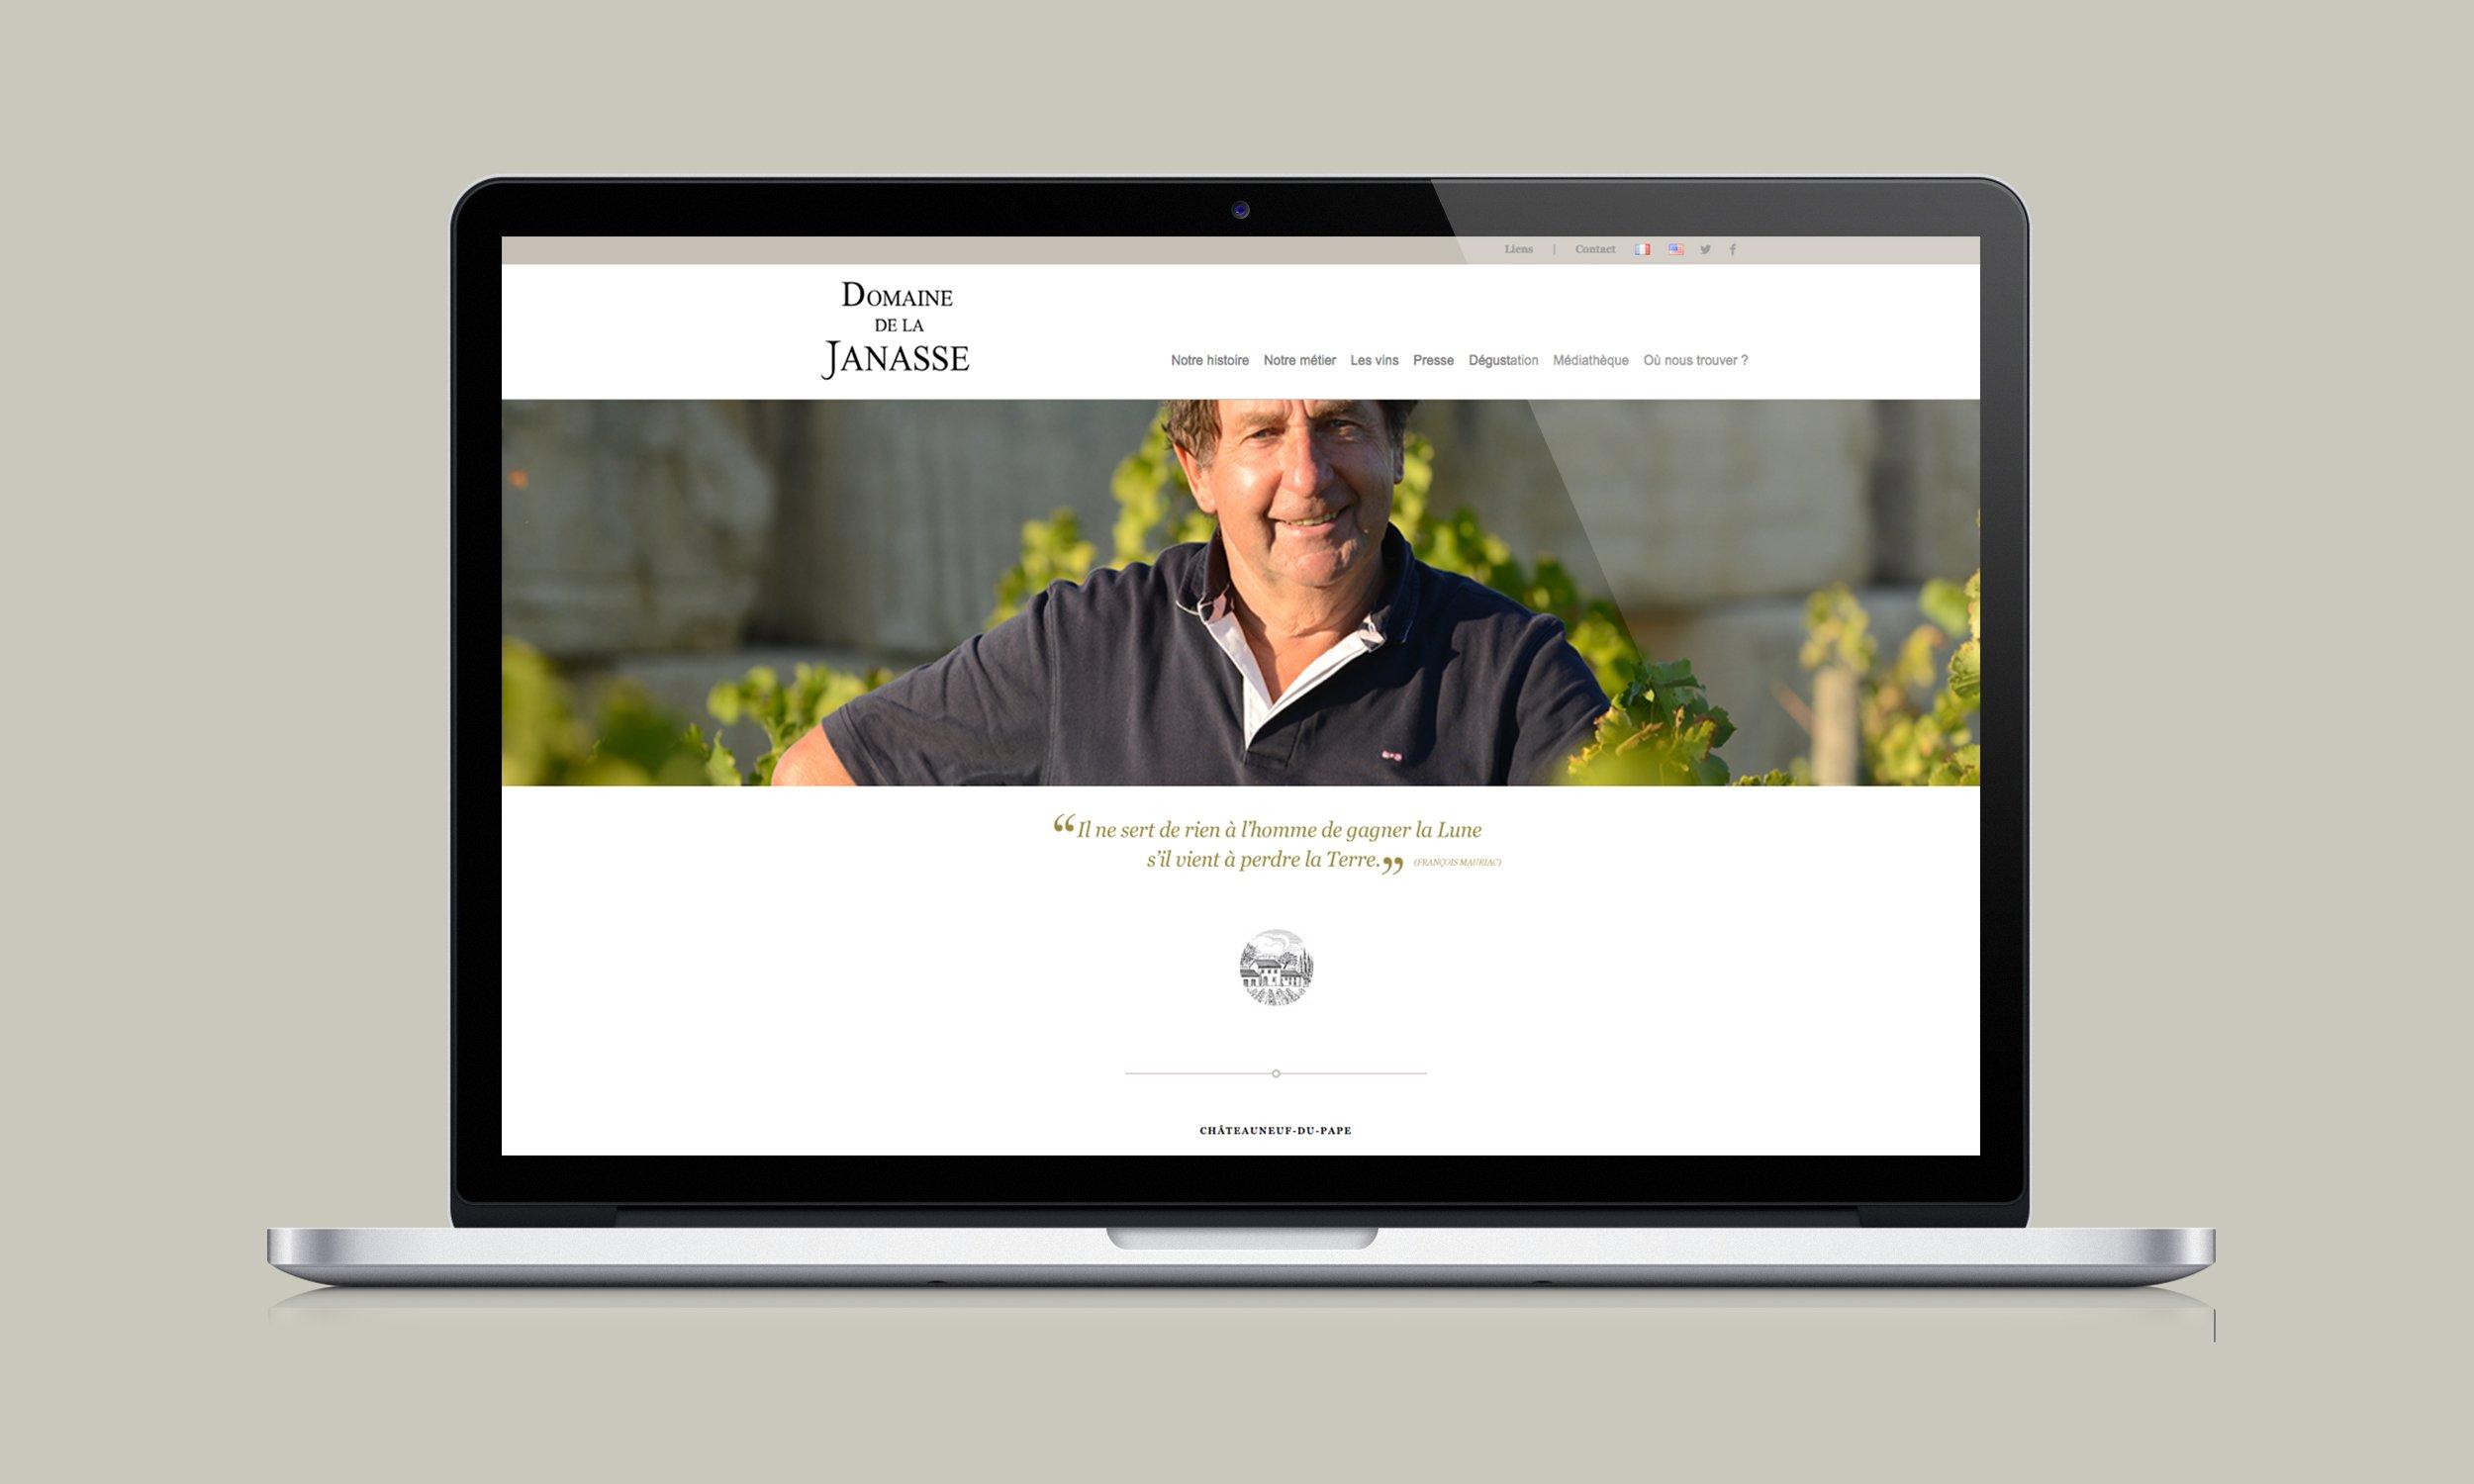 Janasse-site-web-design_valerie-mersier-1